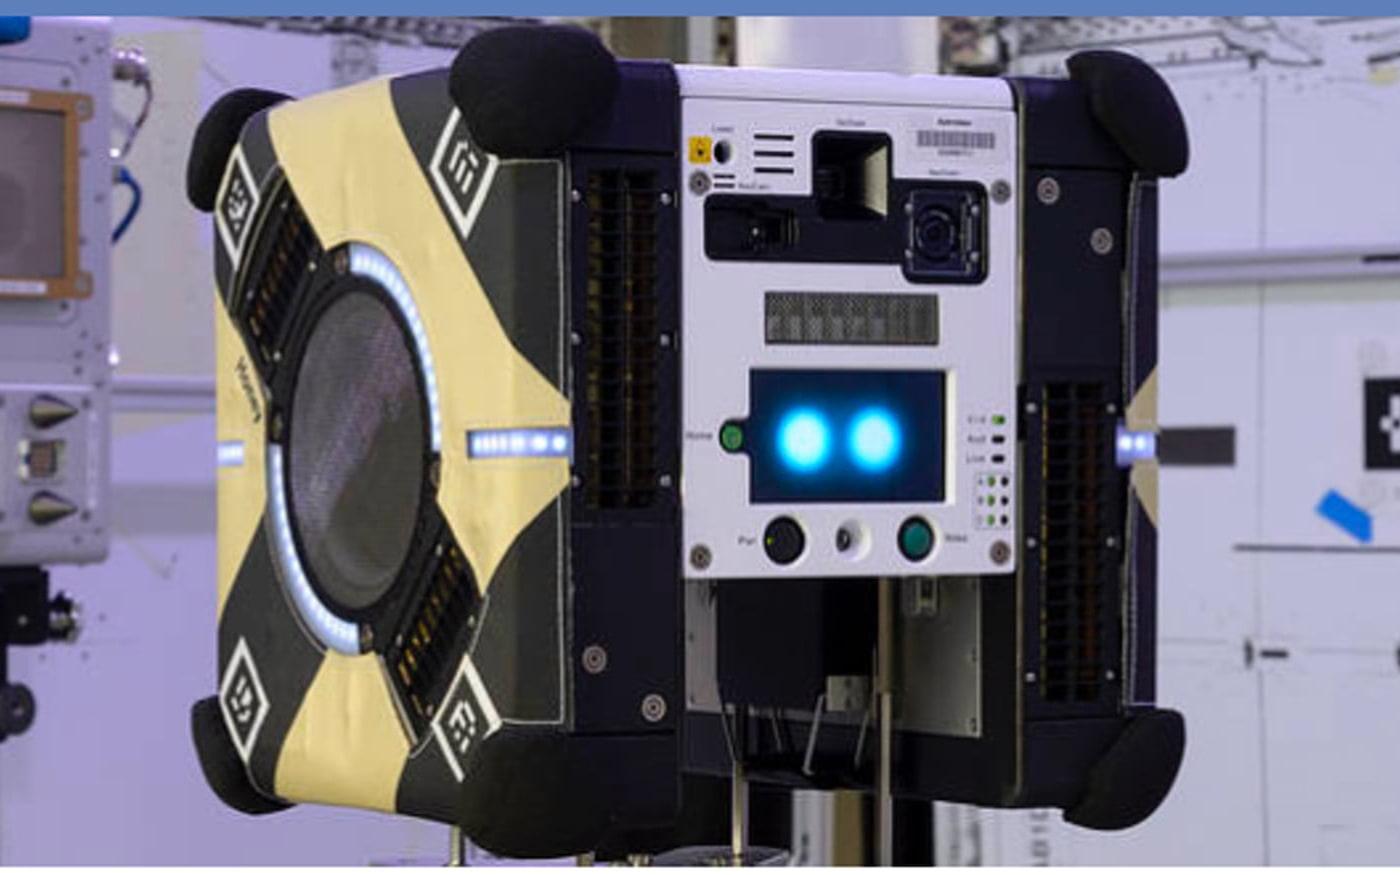 """O robô flutuante da NASA """"bee"""" está vivo e bem a bordo da ISS (Estação Espacial Internacional)"""